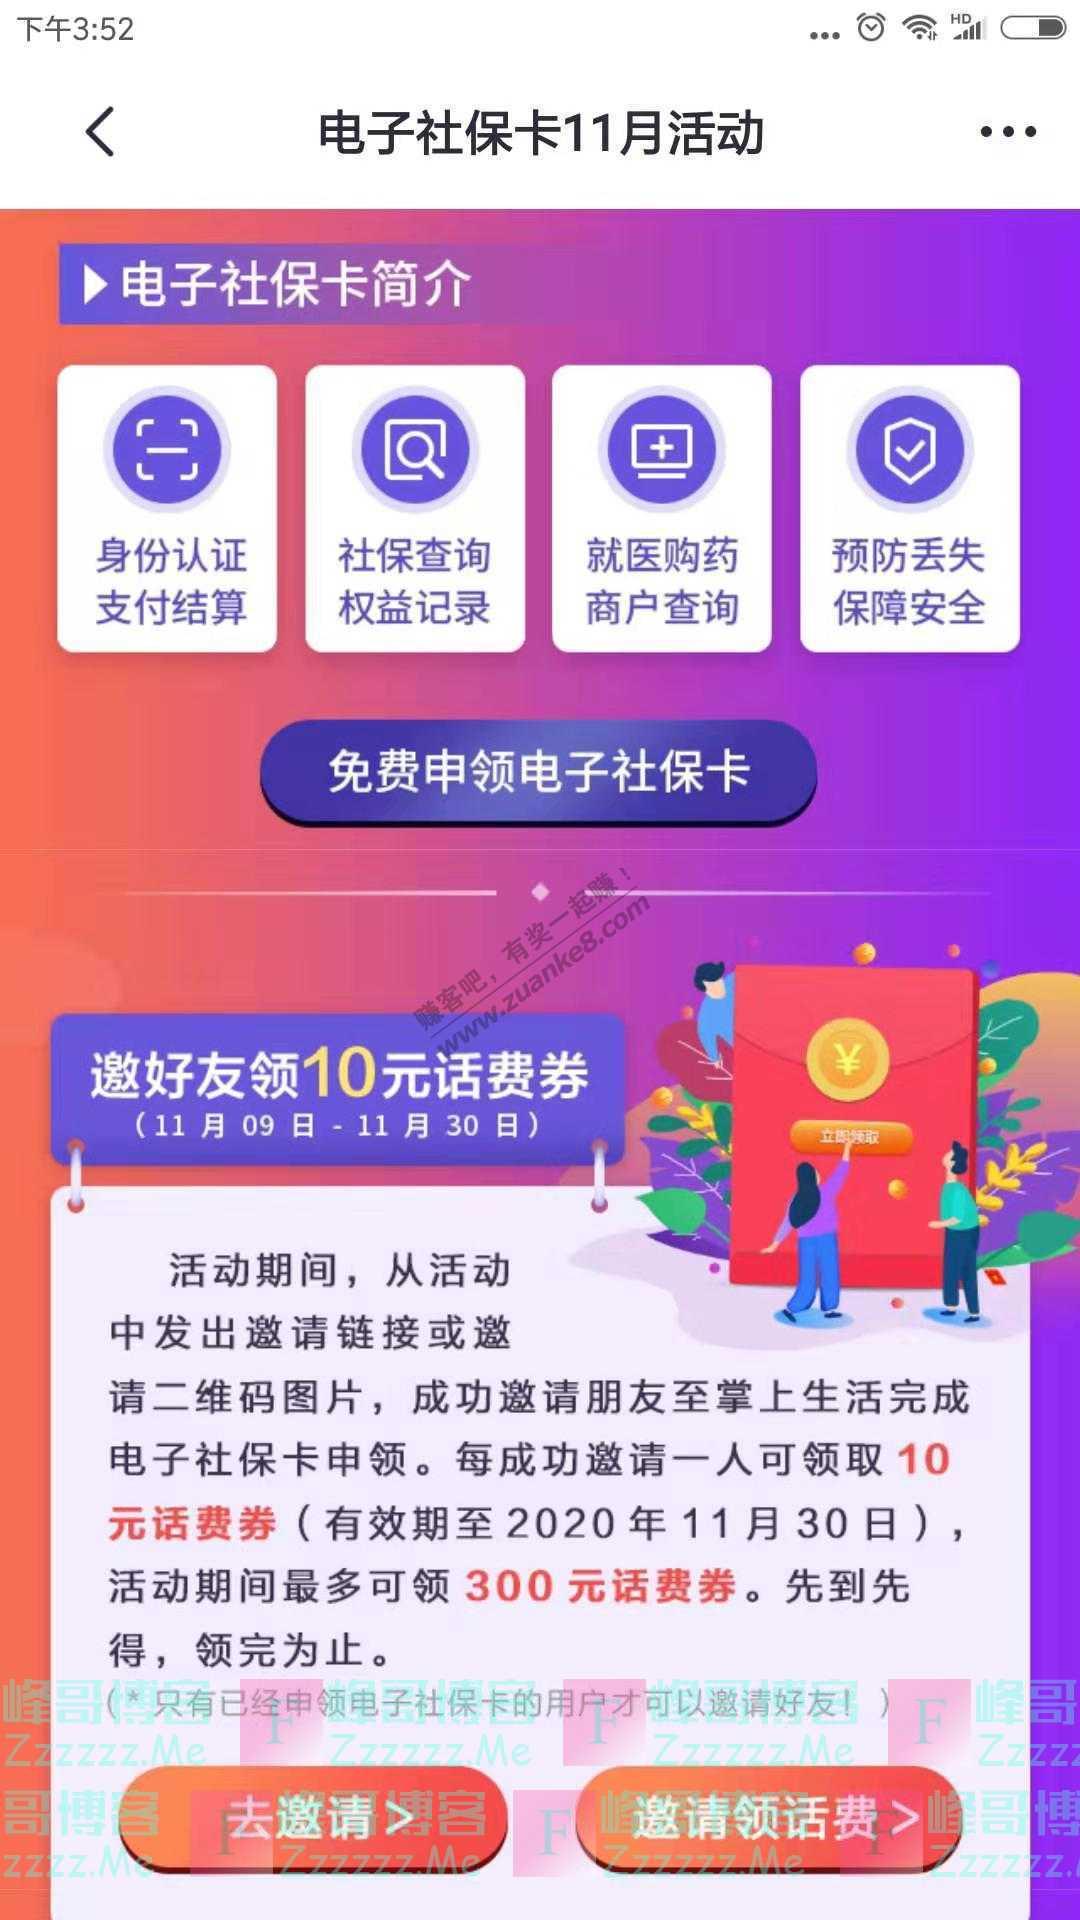 掌上生活app电子社保卡11月活动(截止11月30日)